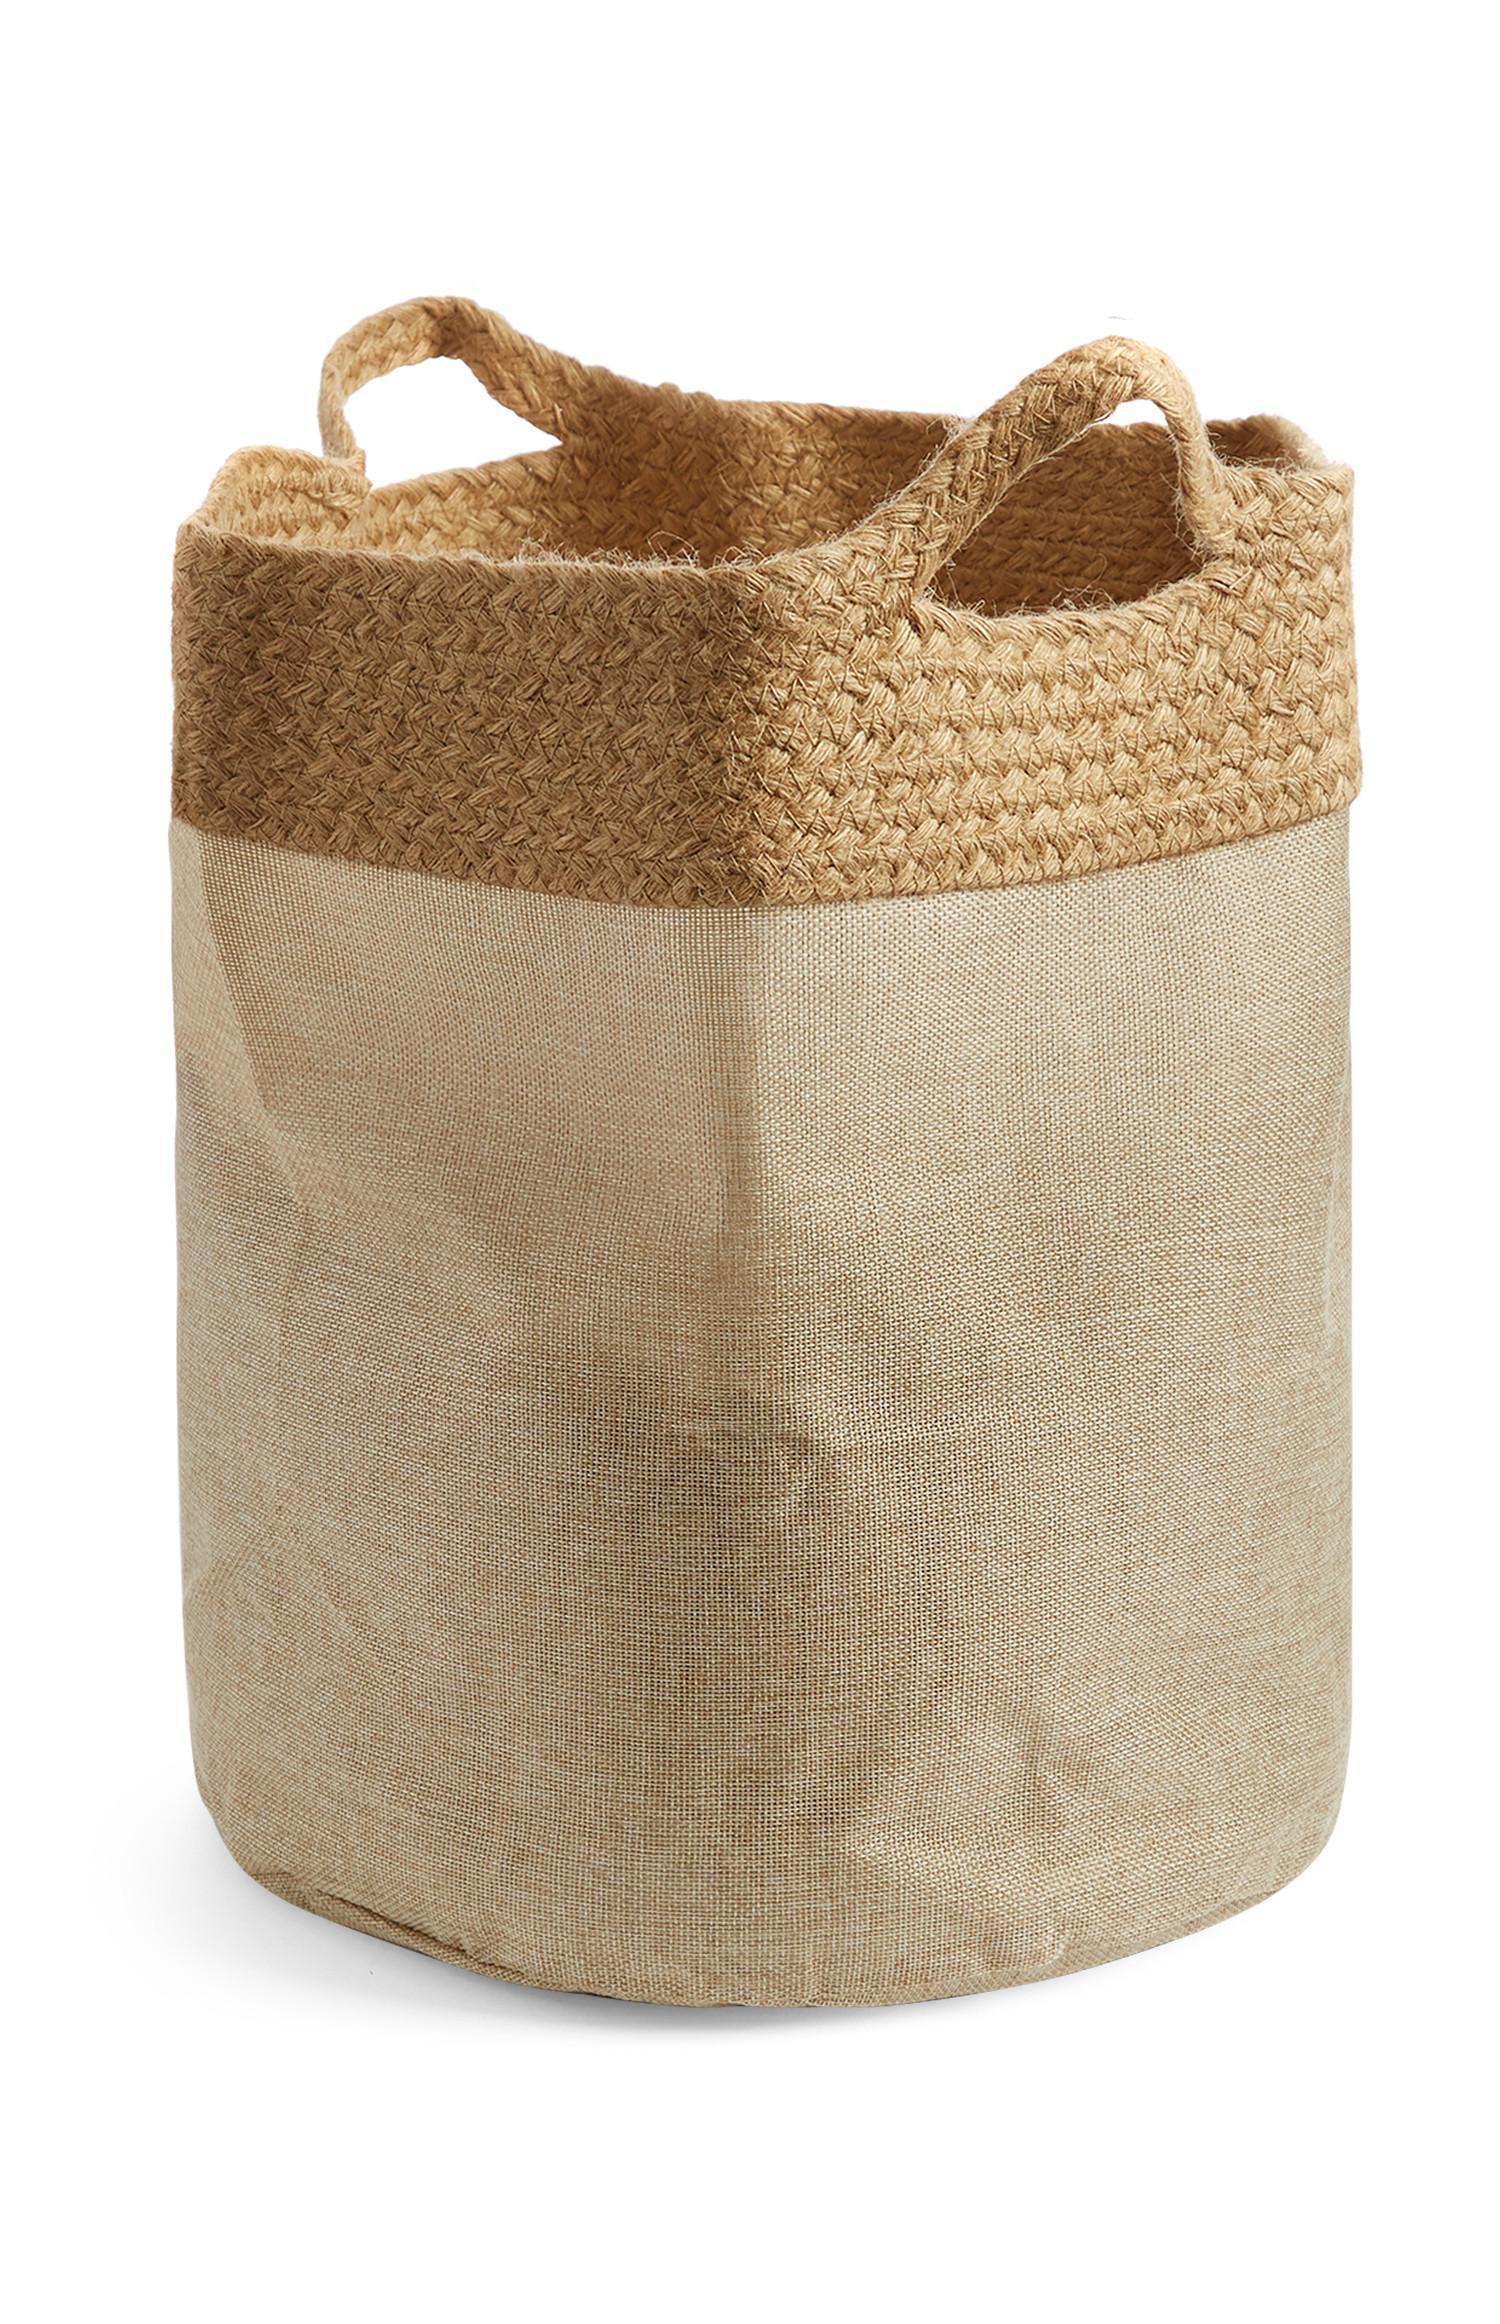 Natural Jute Laundry Bag